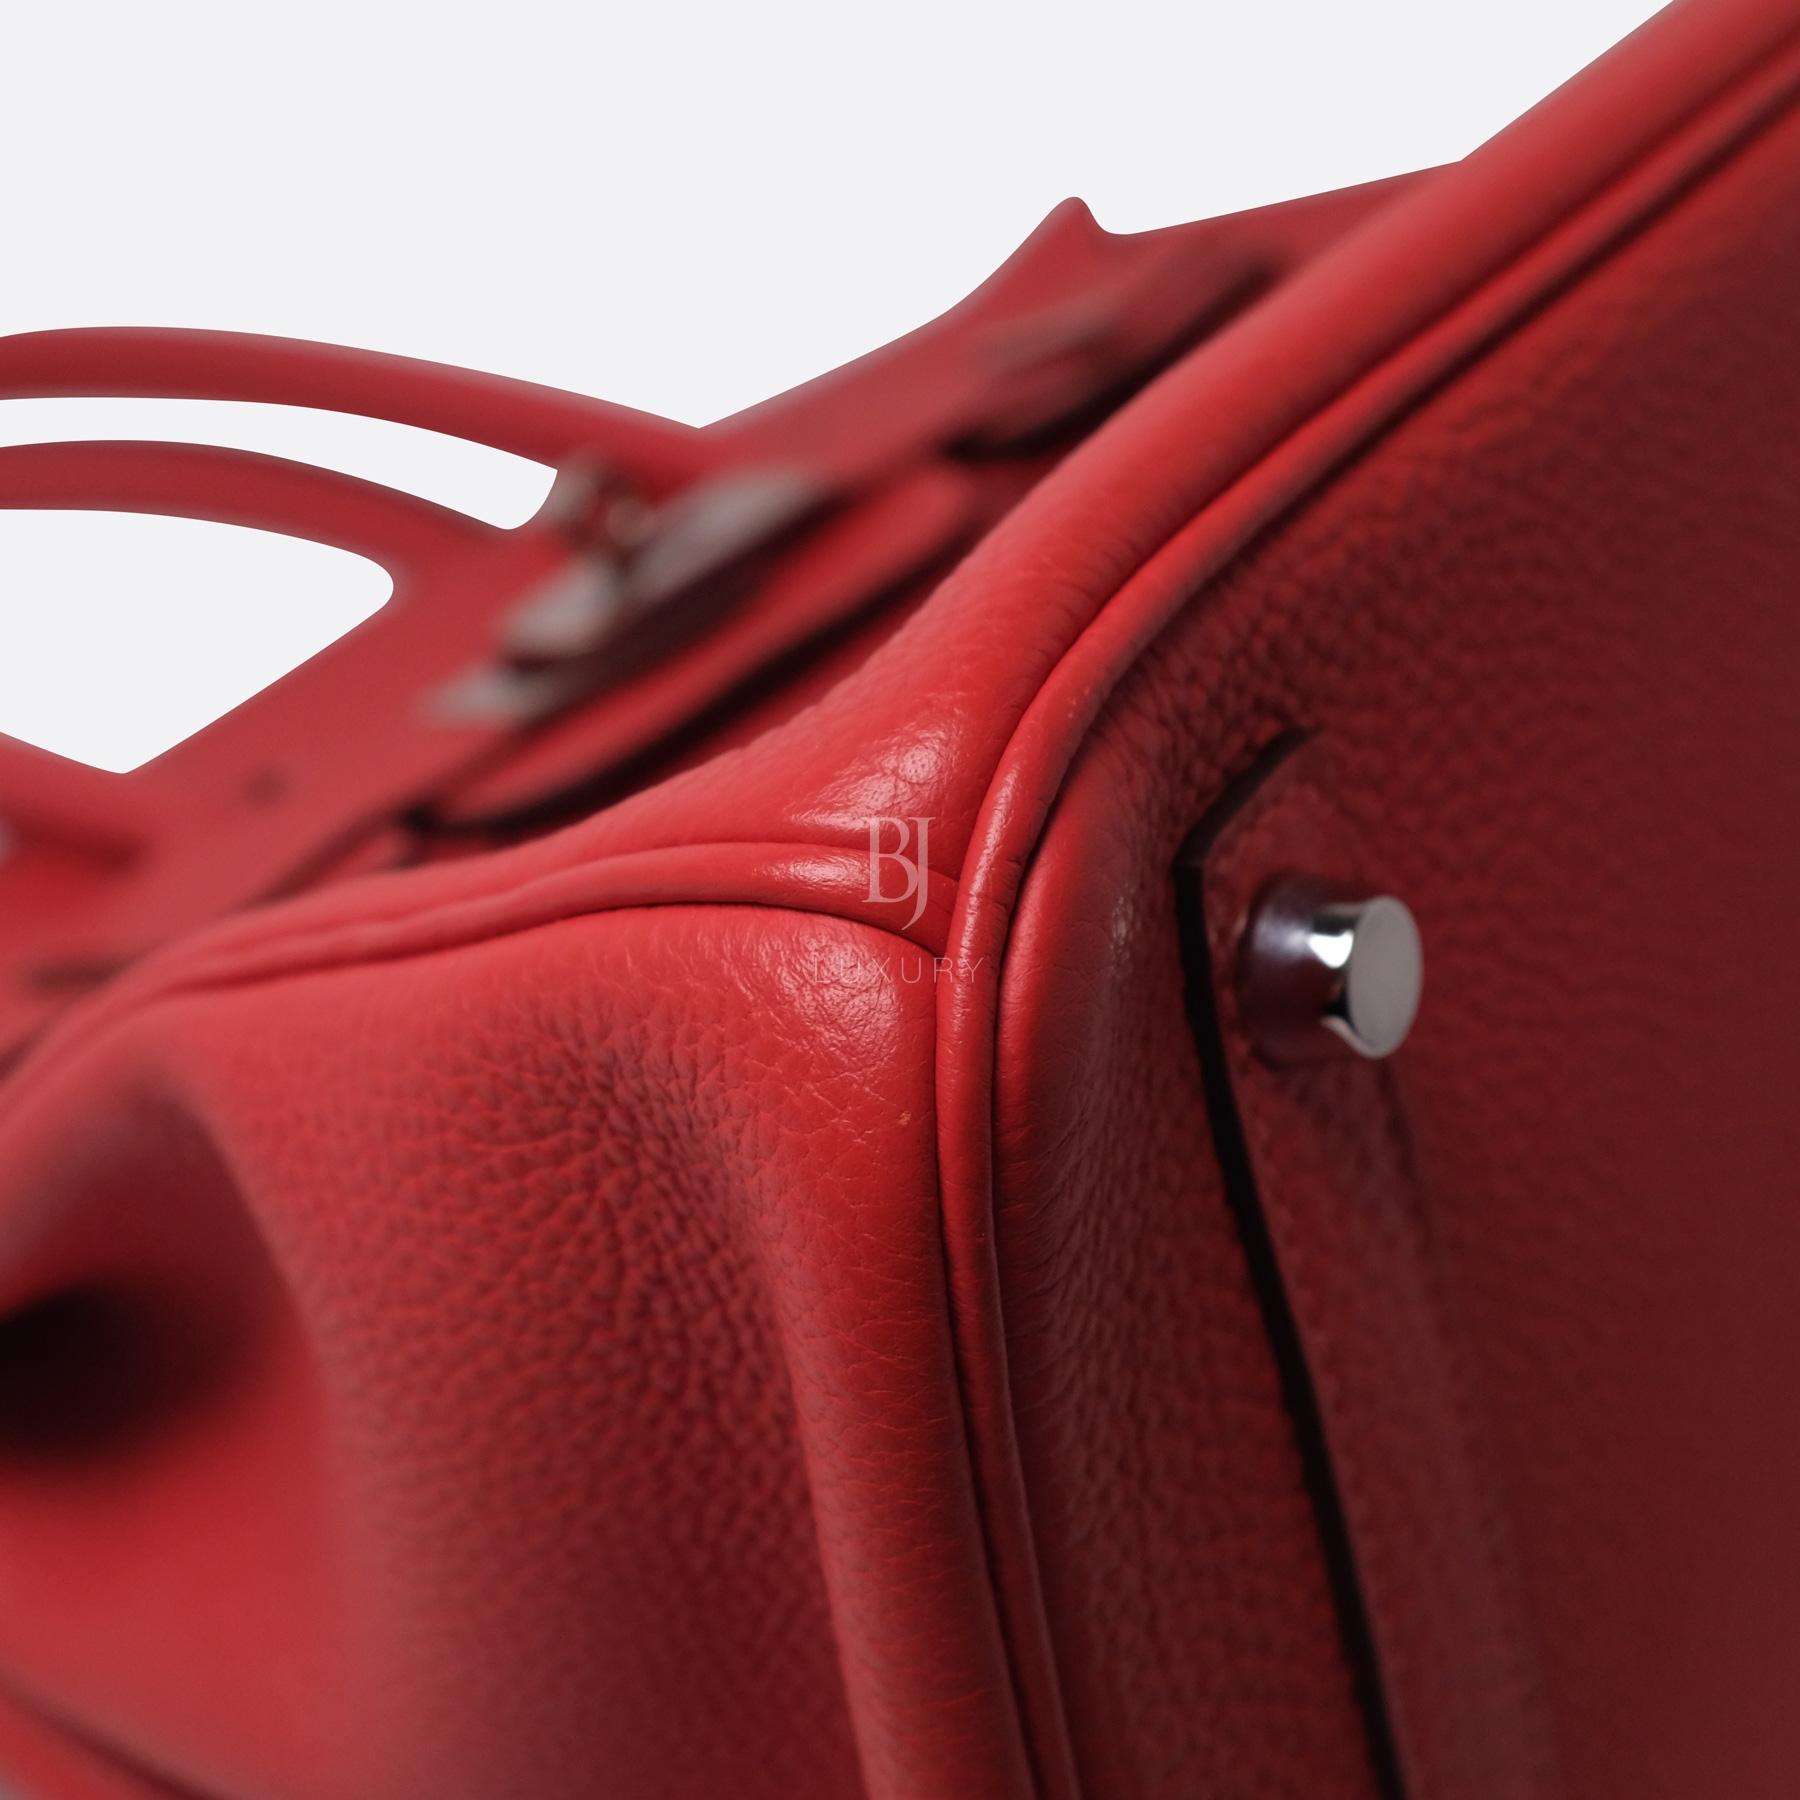 Hermes Birkin 30 Rougue Pivoine Togo Palladium BJ Luxury 16.jpg